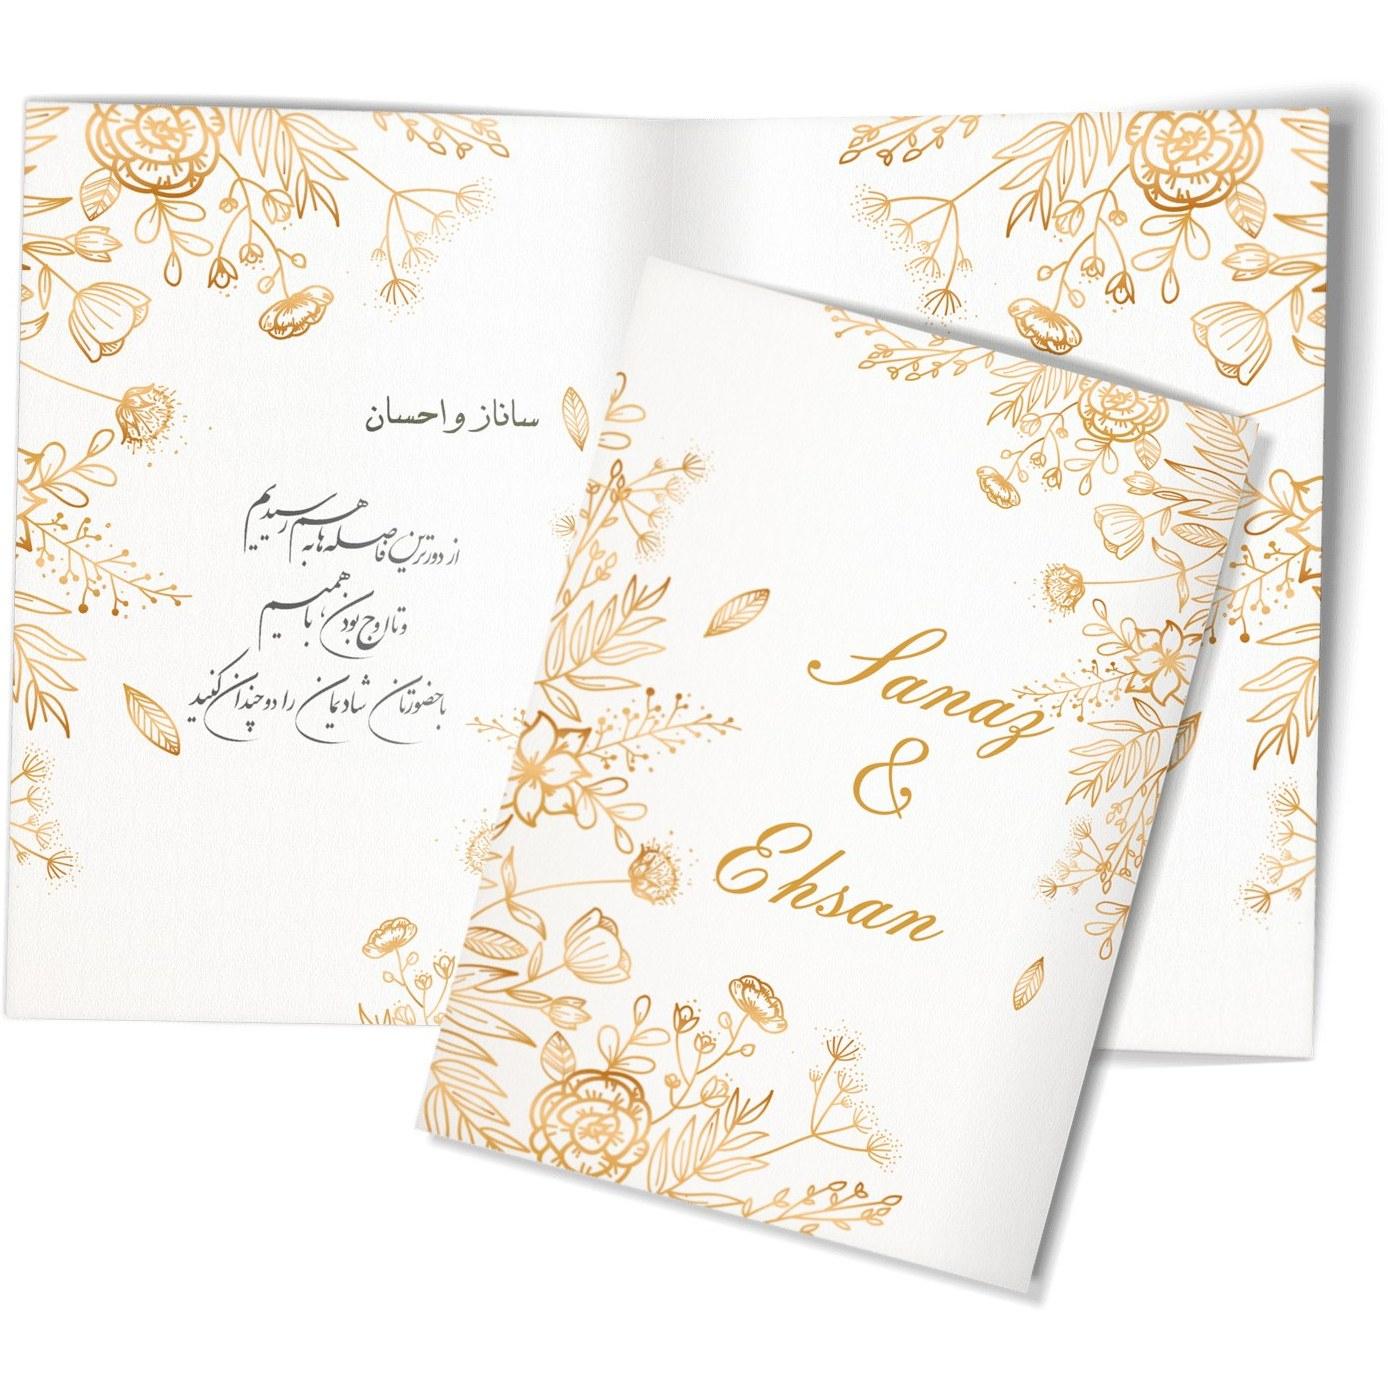 تصویر کارت عروسی طرح گل های فانتزی